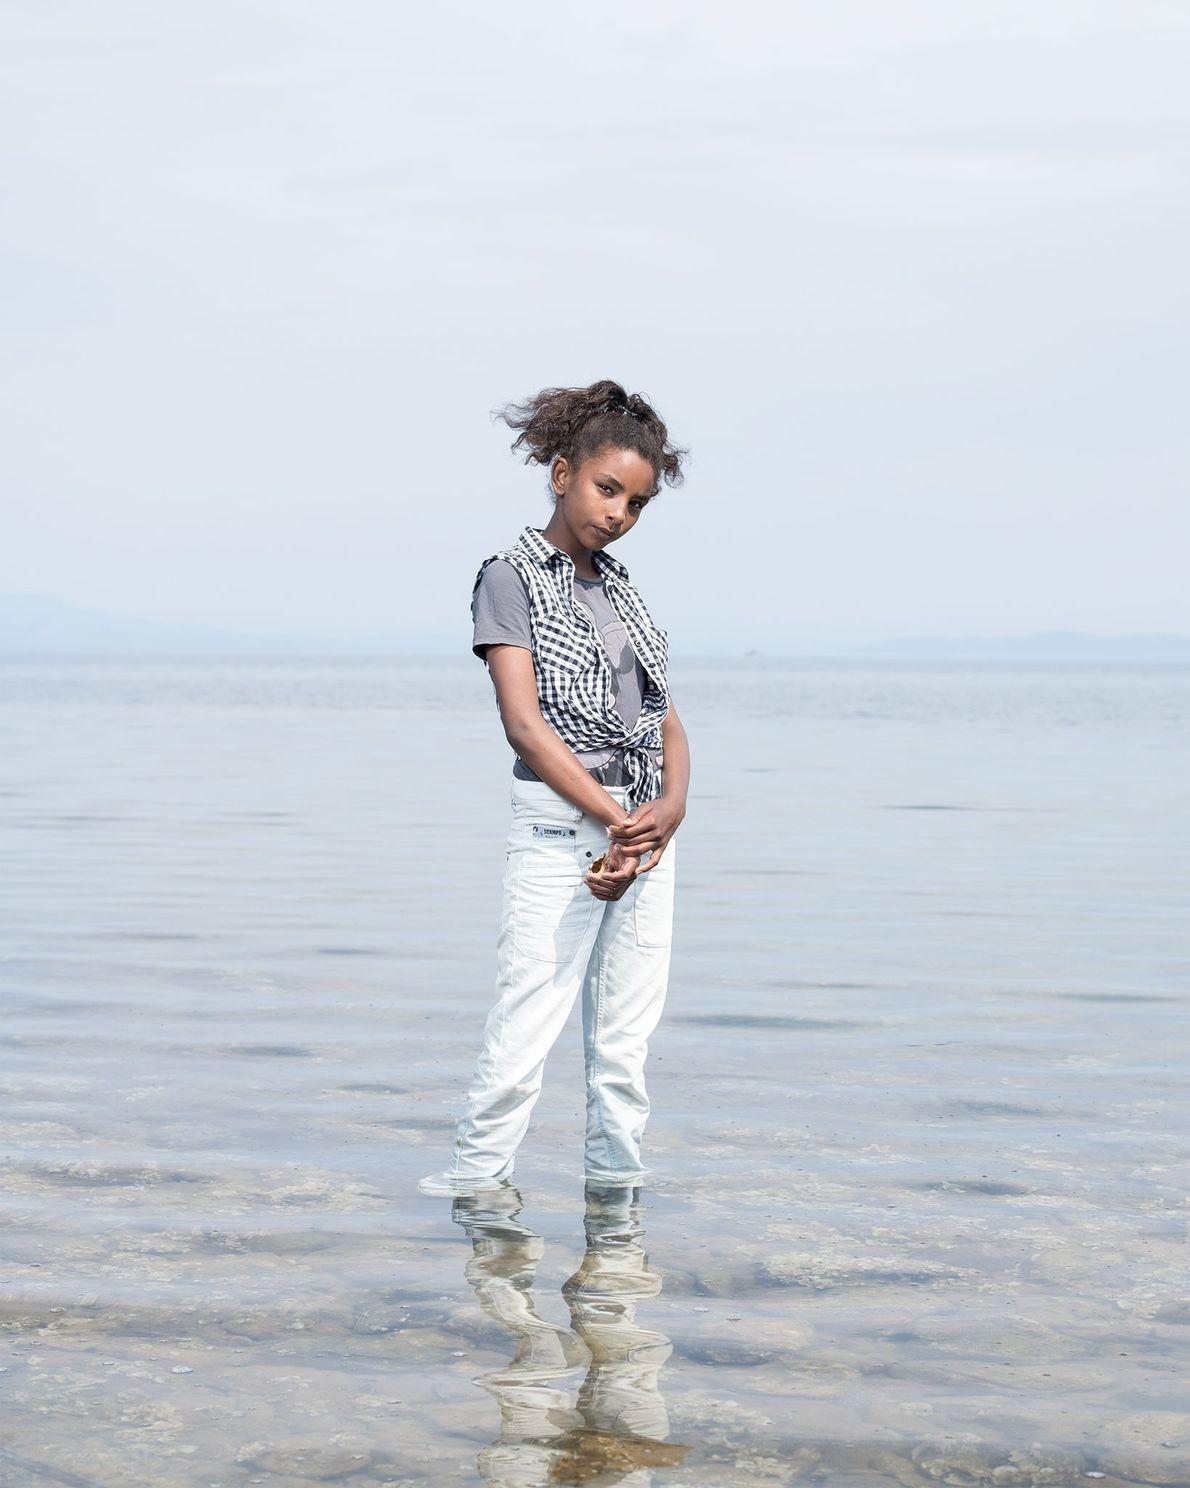 Quelle réponse apporter aux traumatismes subis par les enfants réfugiés ?